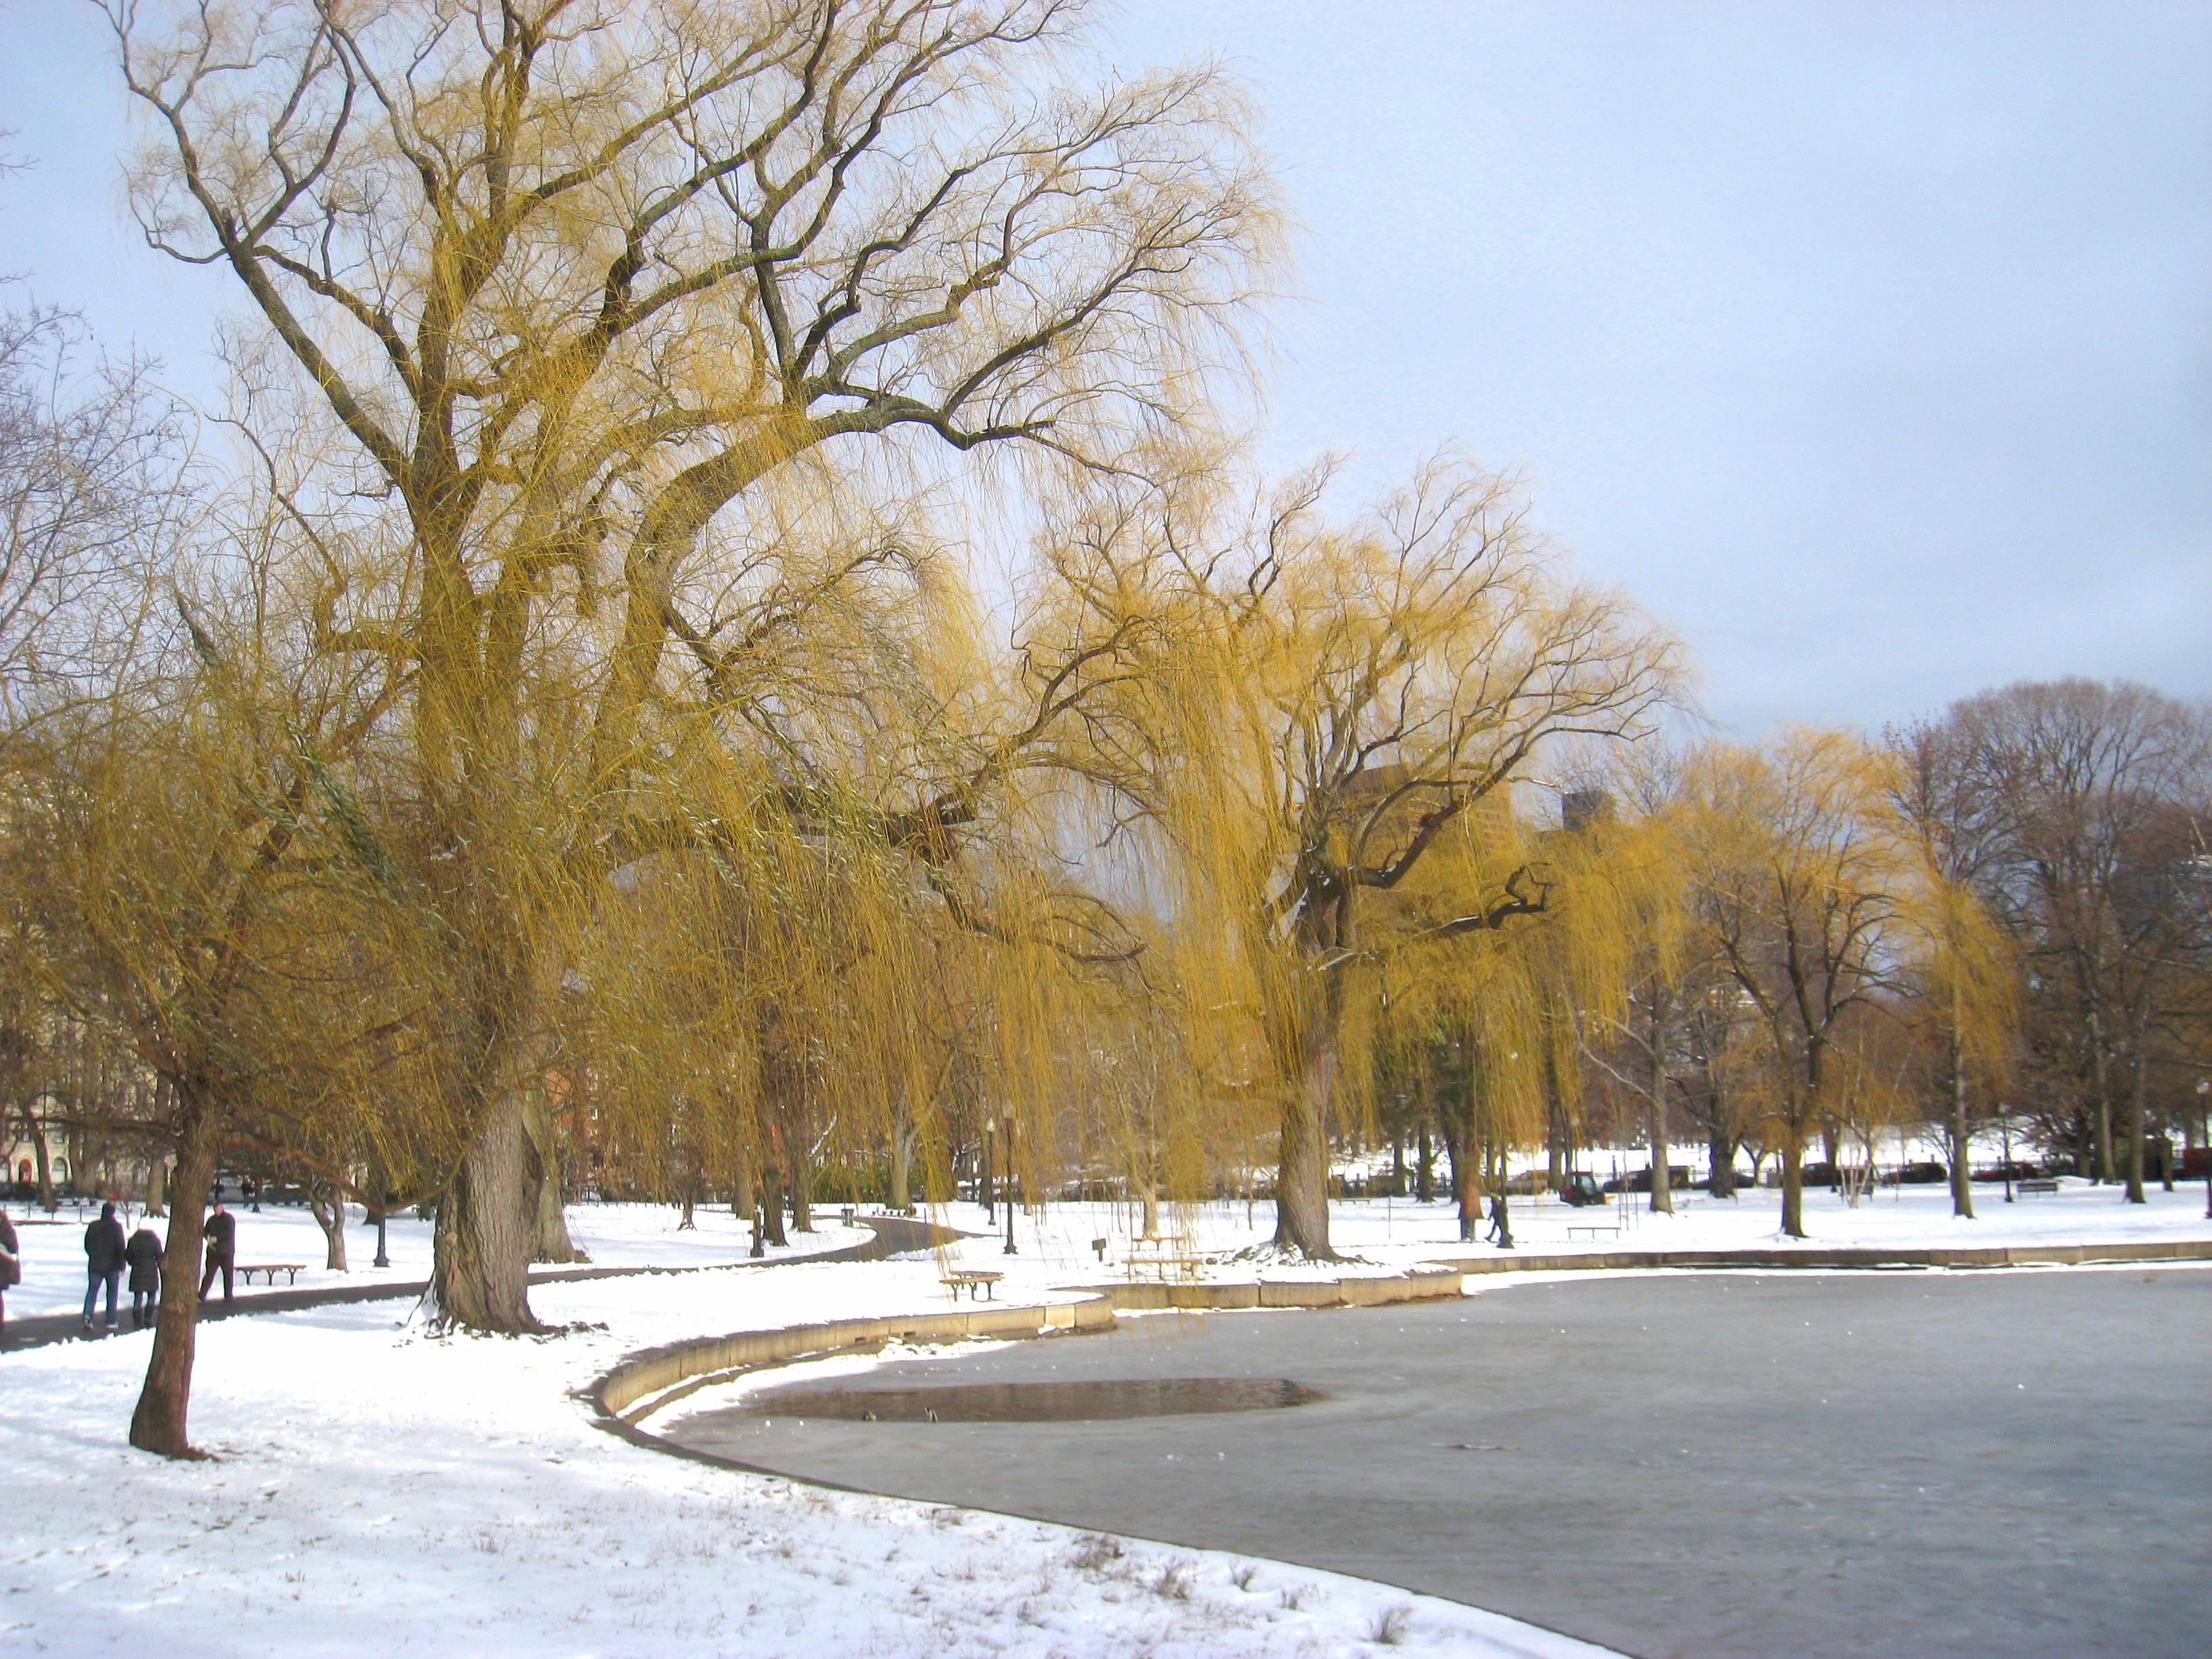 file winter in boston public garden img 8332 jpg wikimedia commons